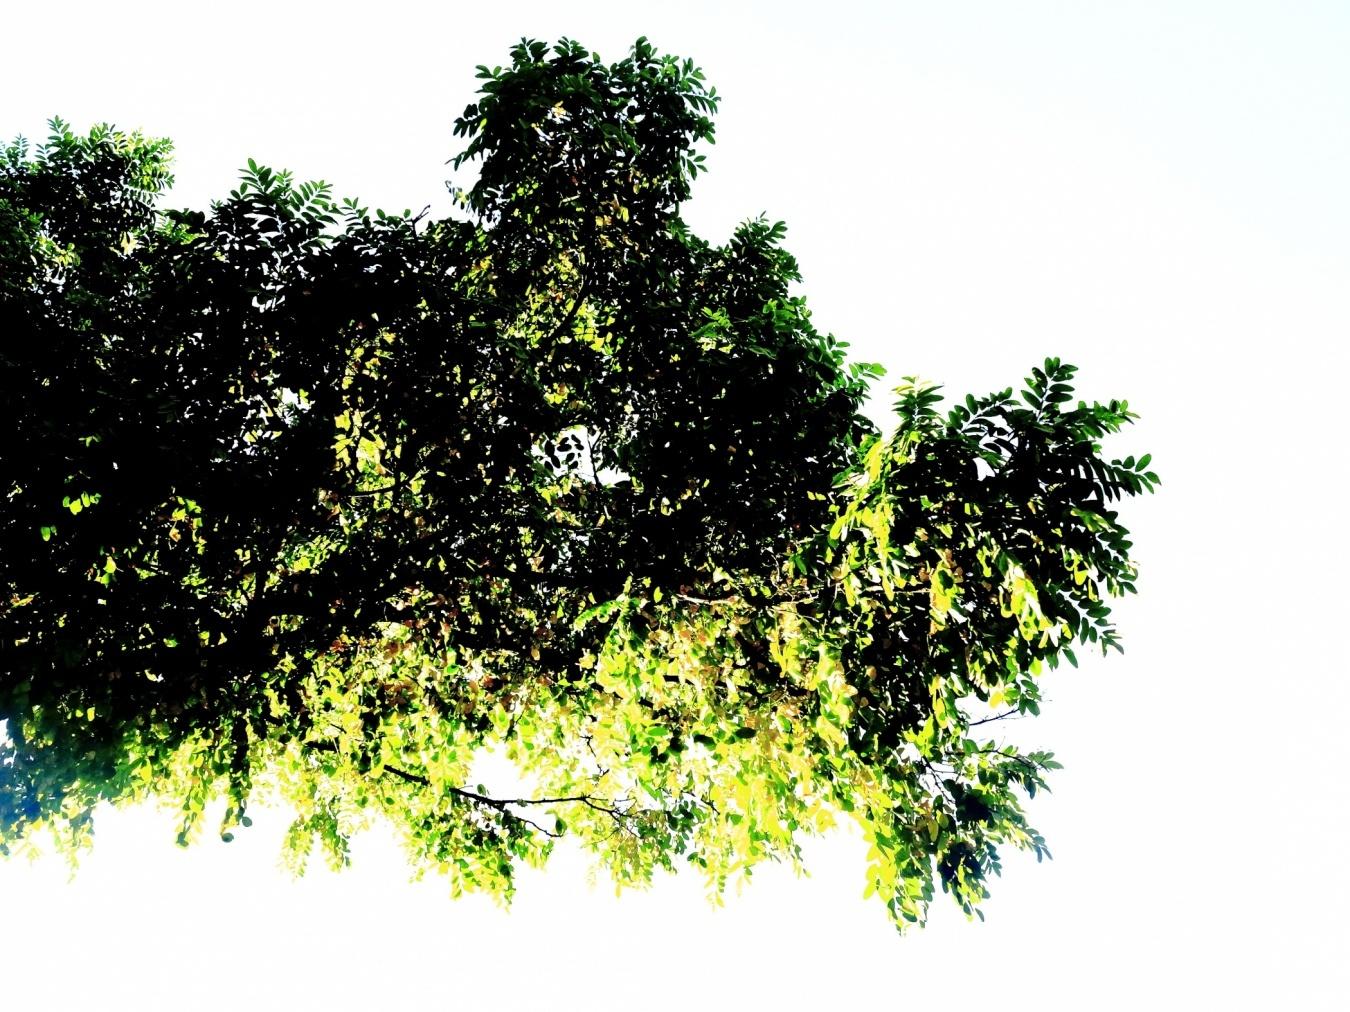 jirafa - pareidolias - territorios fotográficos